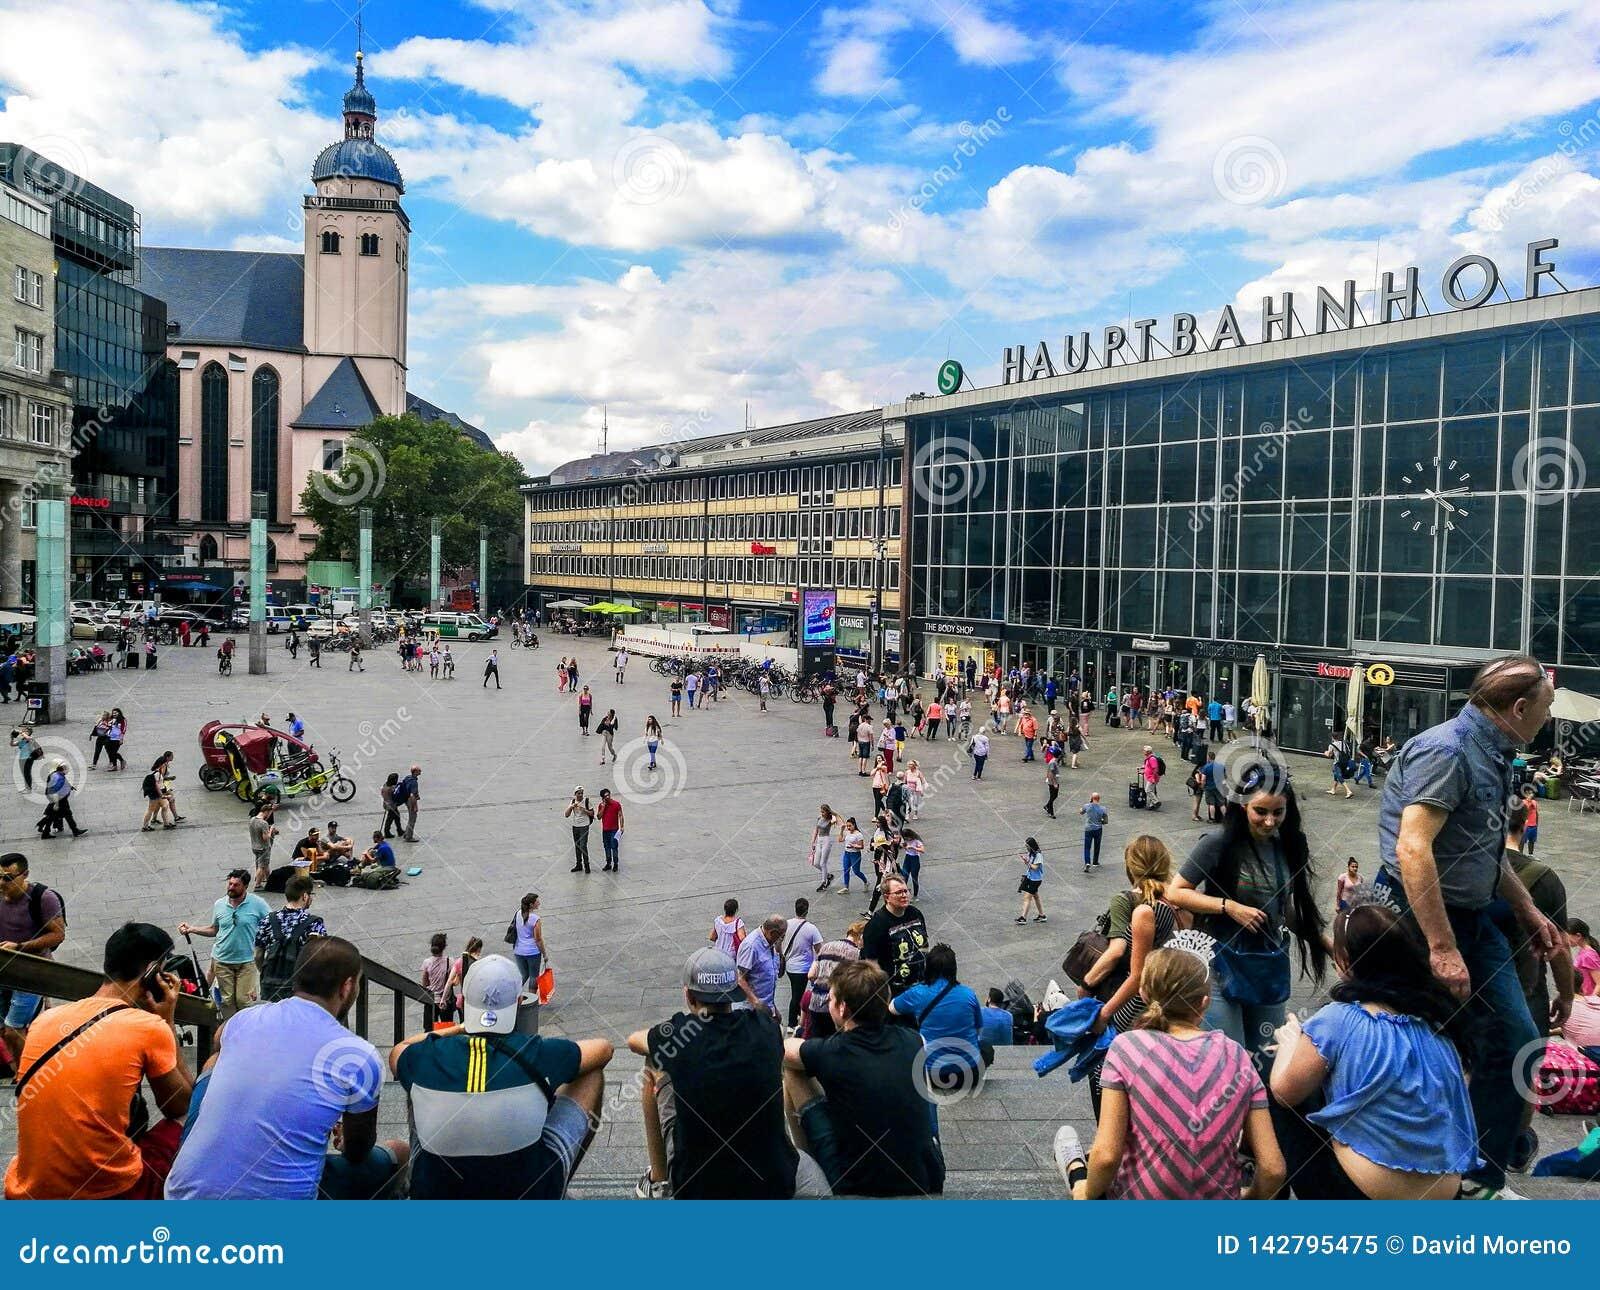 Colonia, Germania - 17 luglio - 2018: La gente che cammina attraverso la stazione centrale di Colonia in Germania